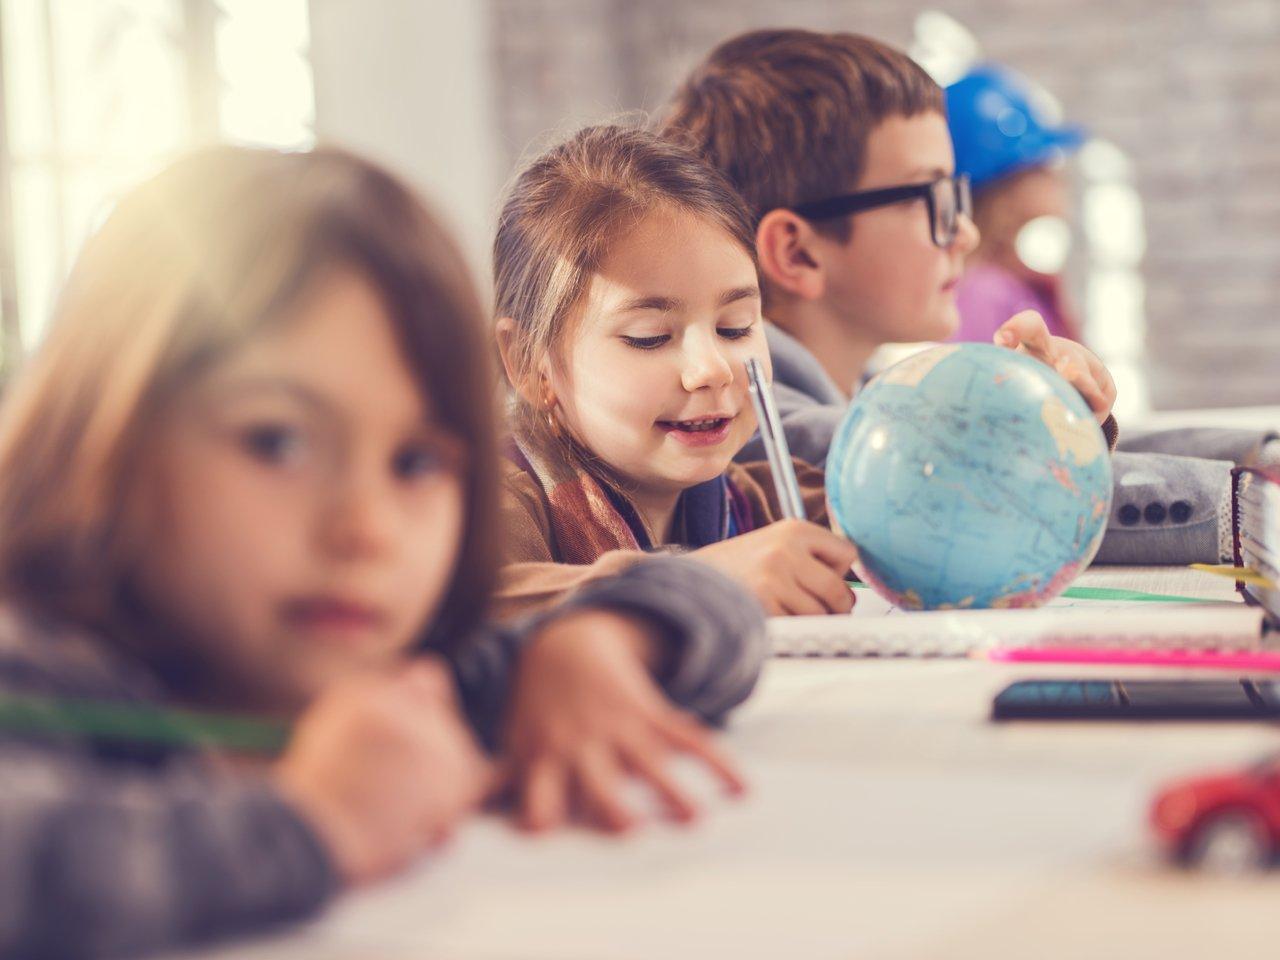 Menina escreve em uma mesa junto com outras crianças tendo um pequeno globo terrestre à sua frente